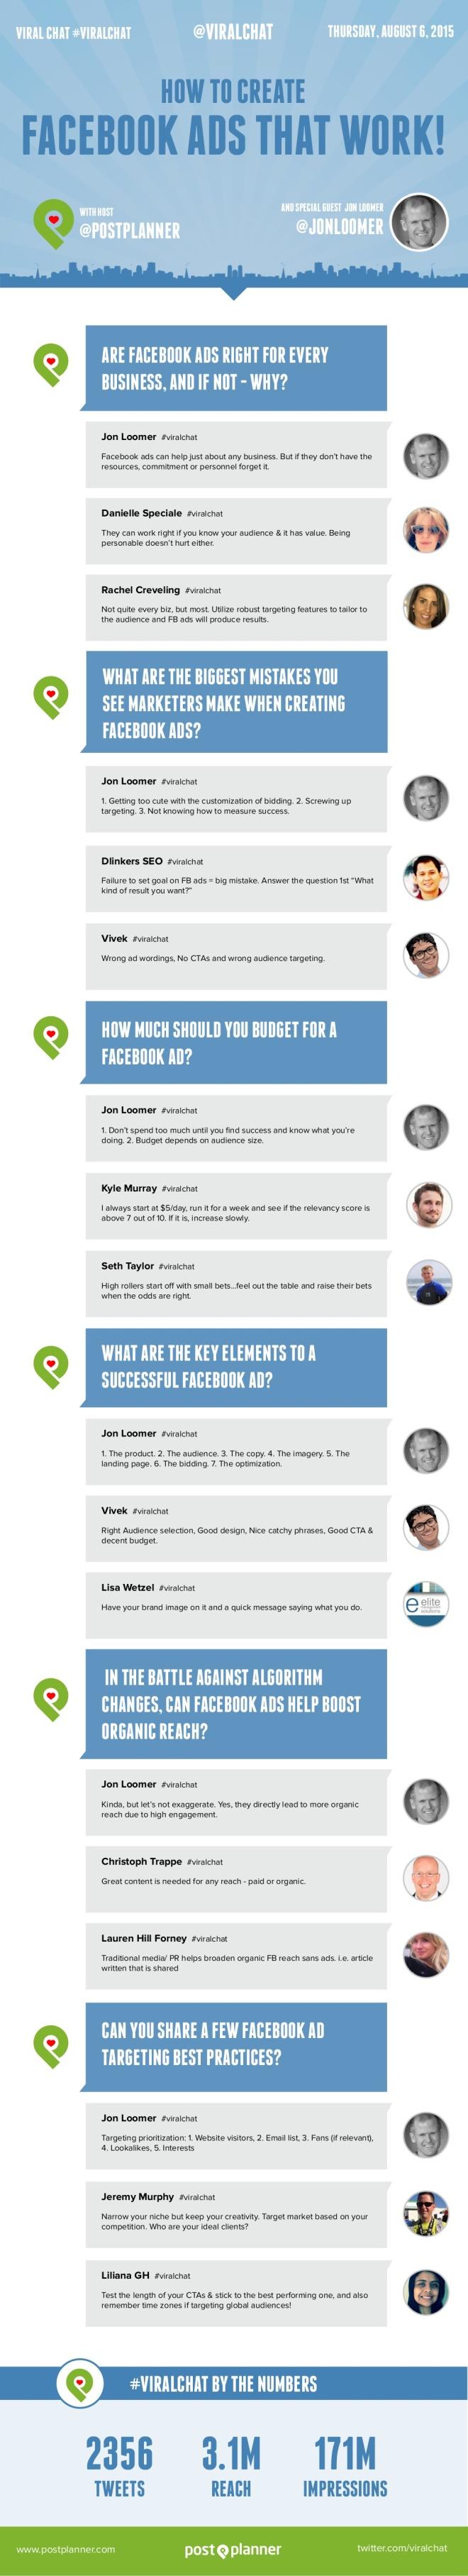 Cómo crear FaceBook Ads que funcione